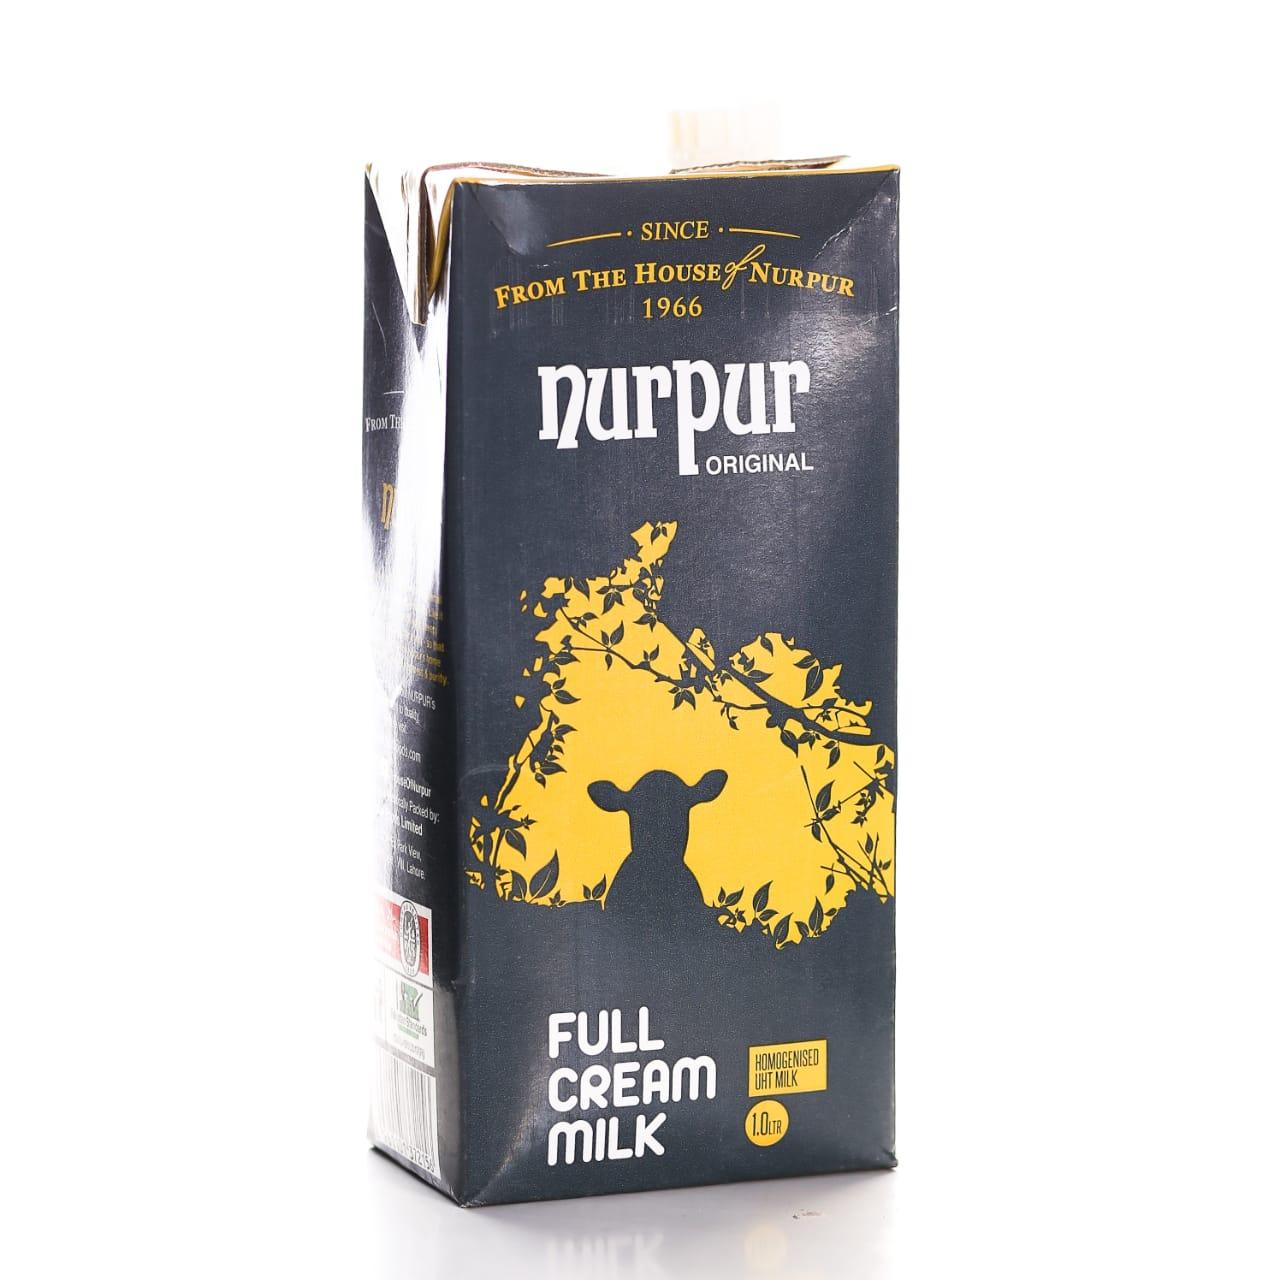 Nurpur Original Full Cream Milk 1Ltr